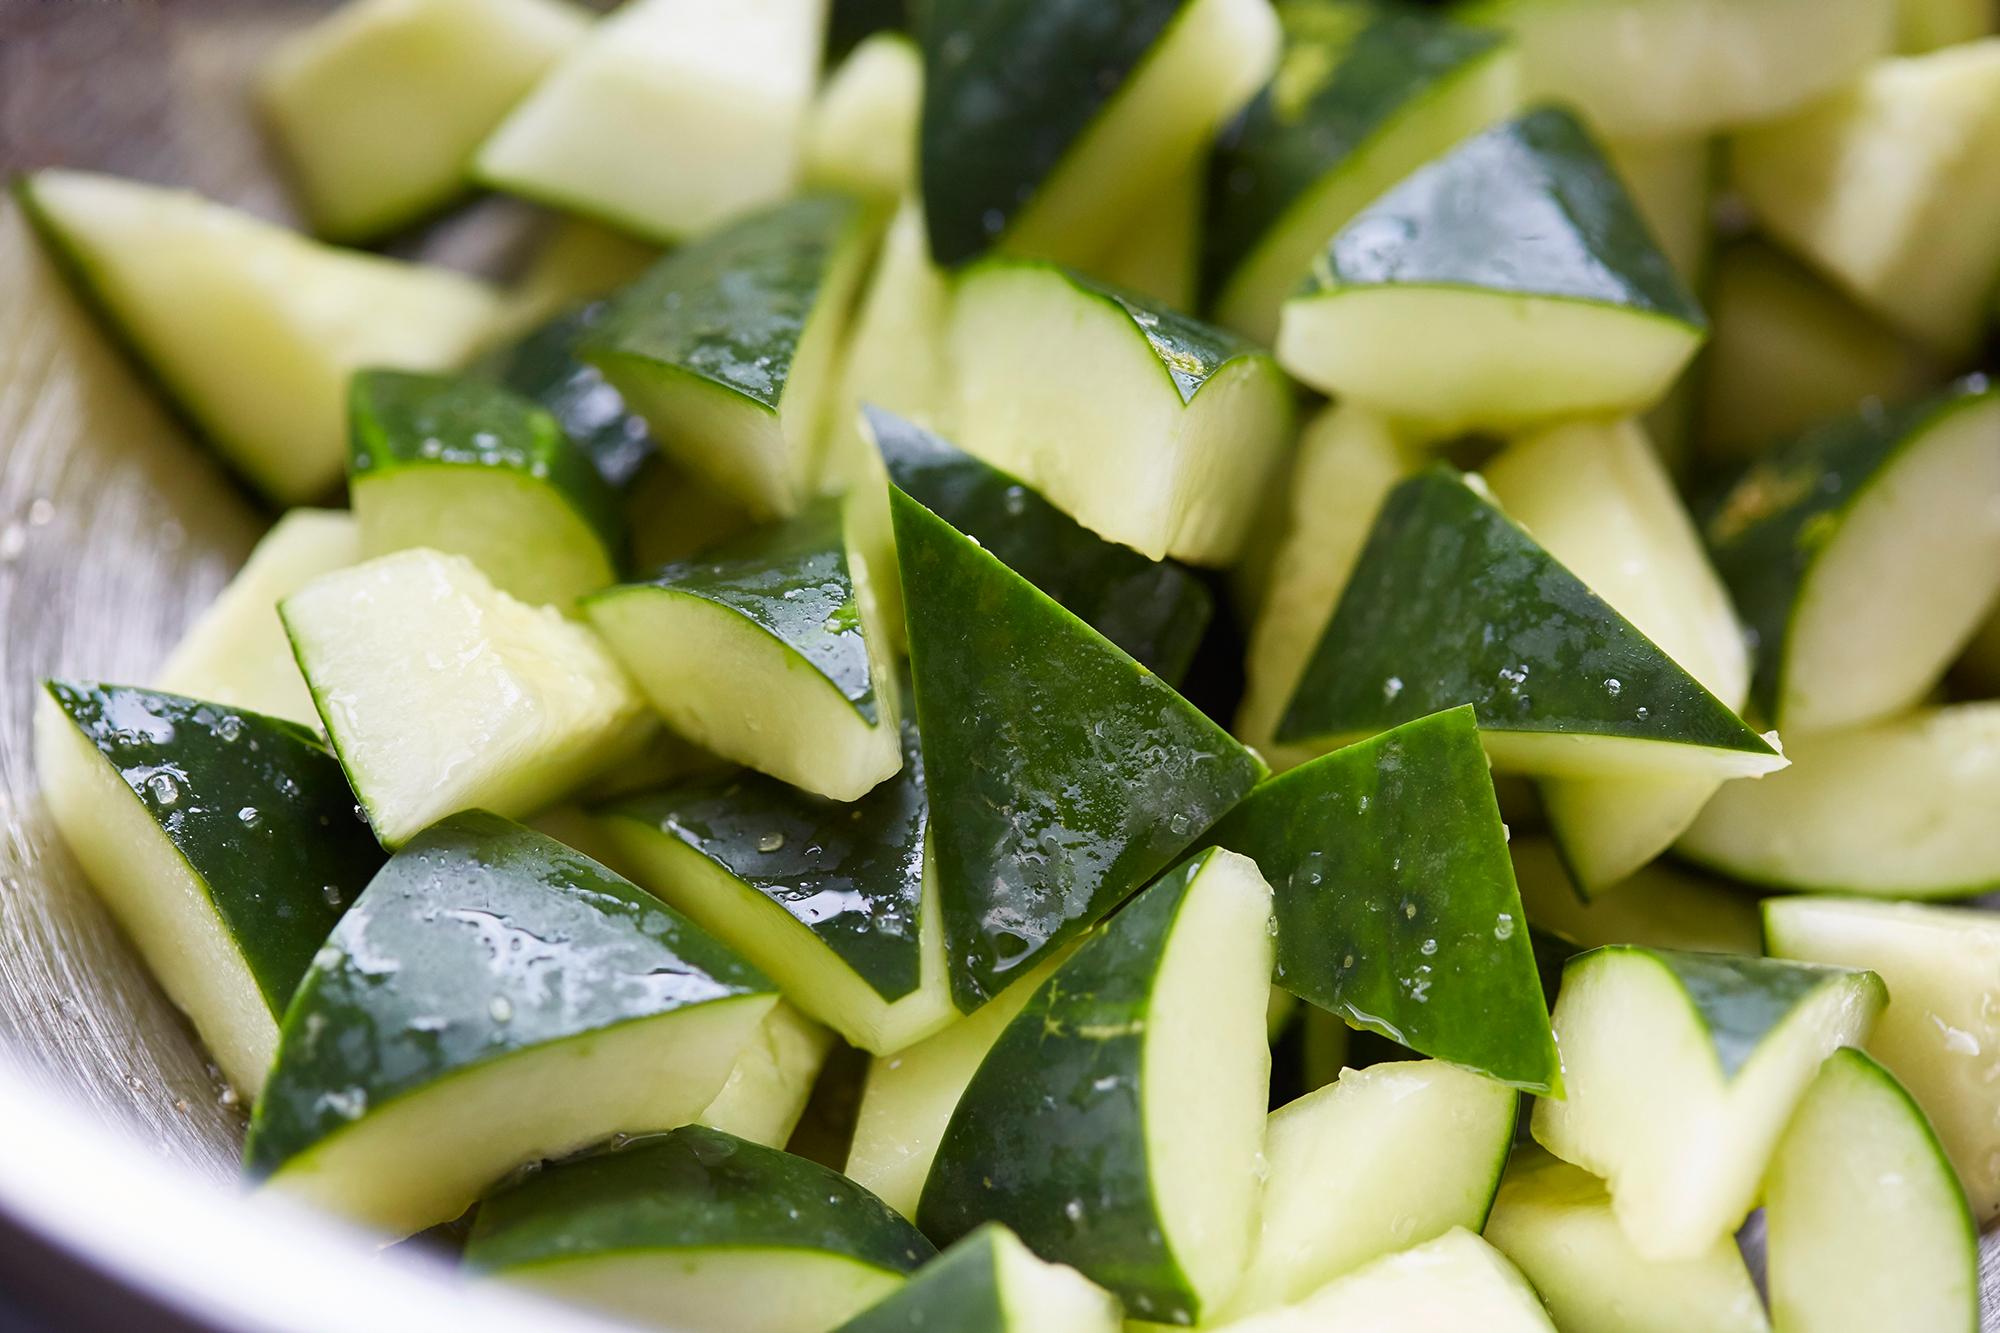 Cucumber_012-WEB.jpg